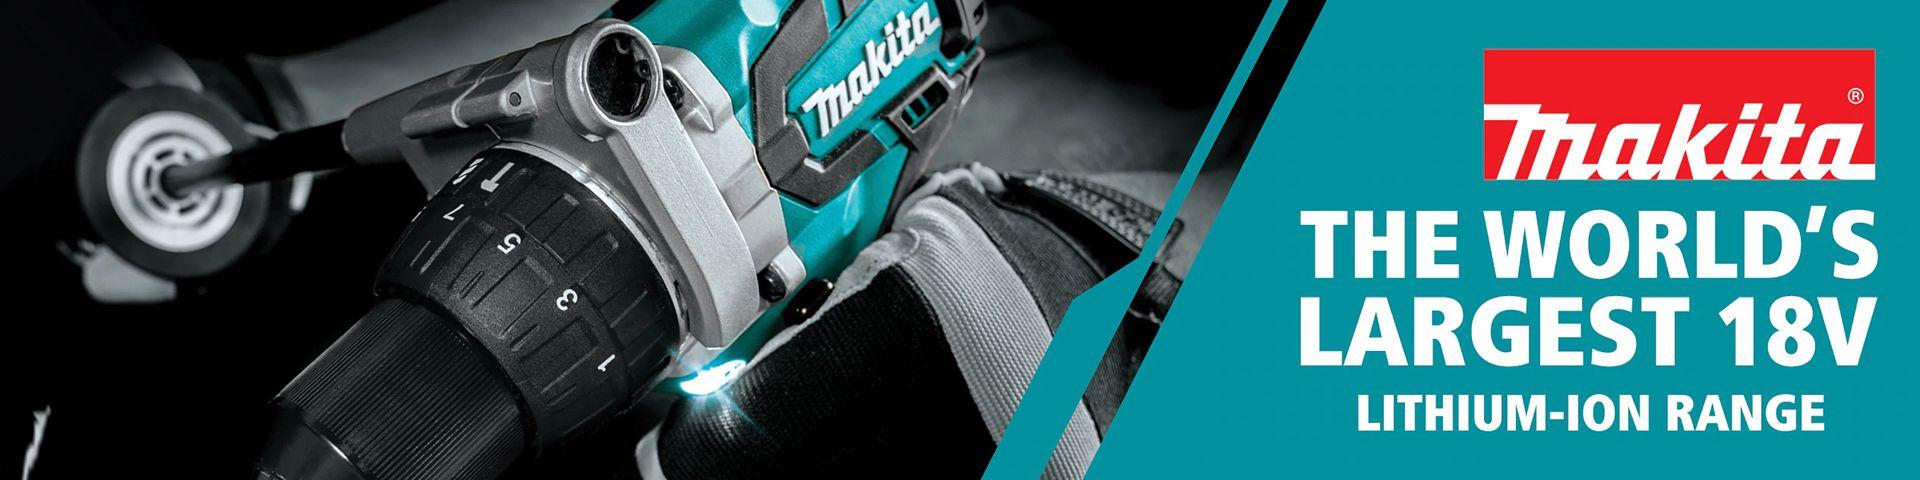 Makita Power Tools Malaysia